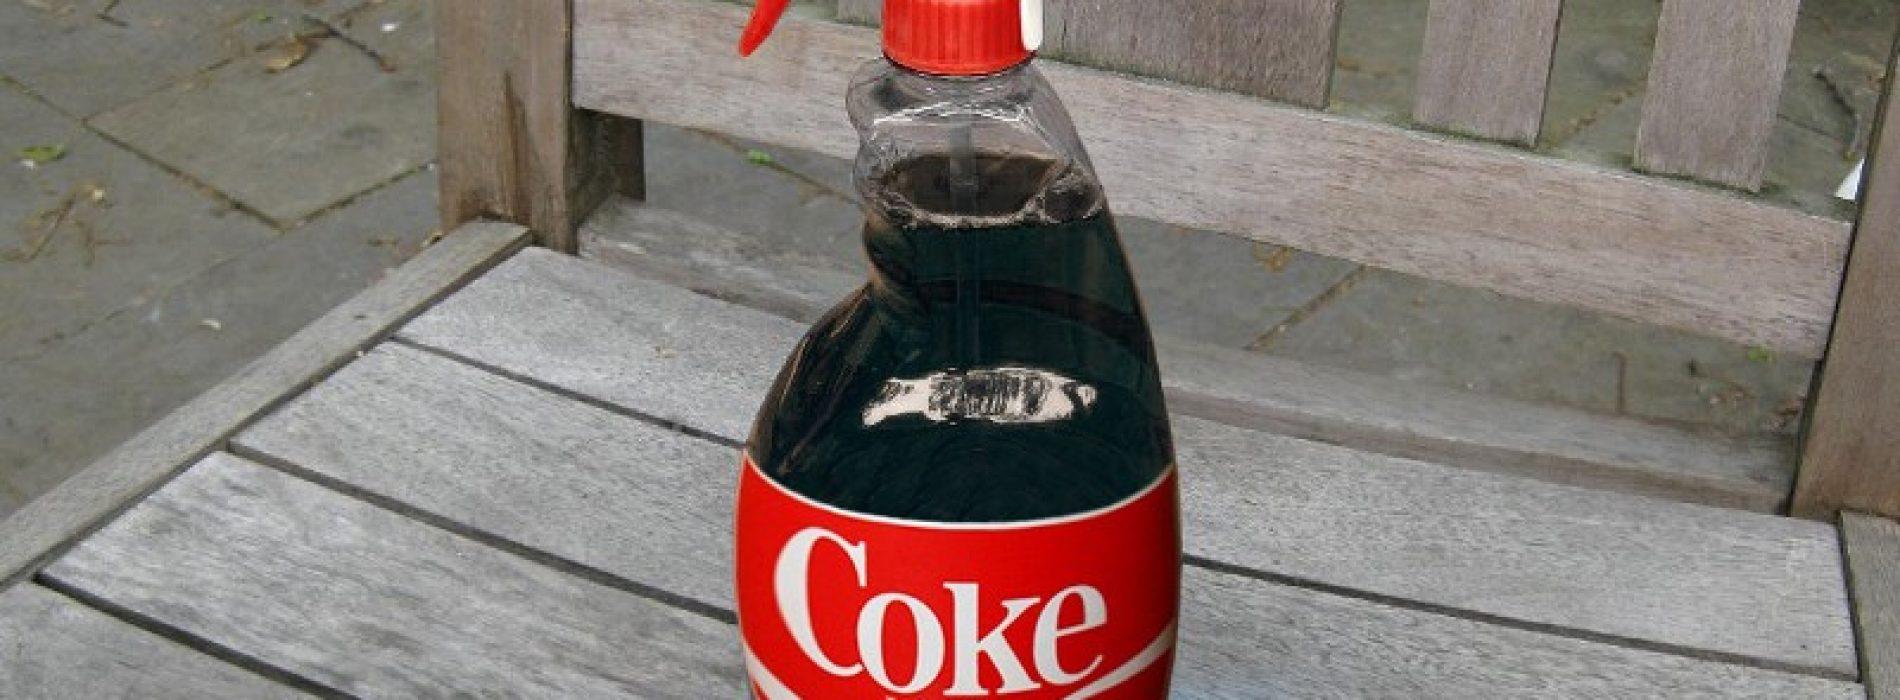 Wist je dat Coca-Cola verf weg kan strippen? Hier zijn 11 verrassende toepassingen